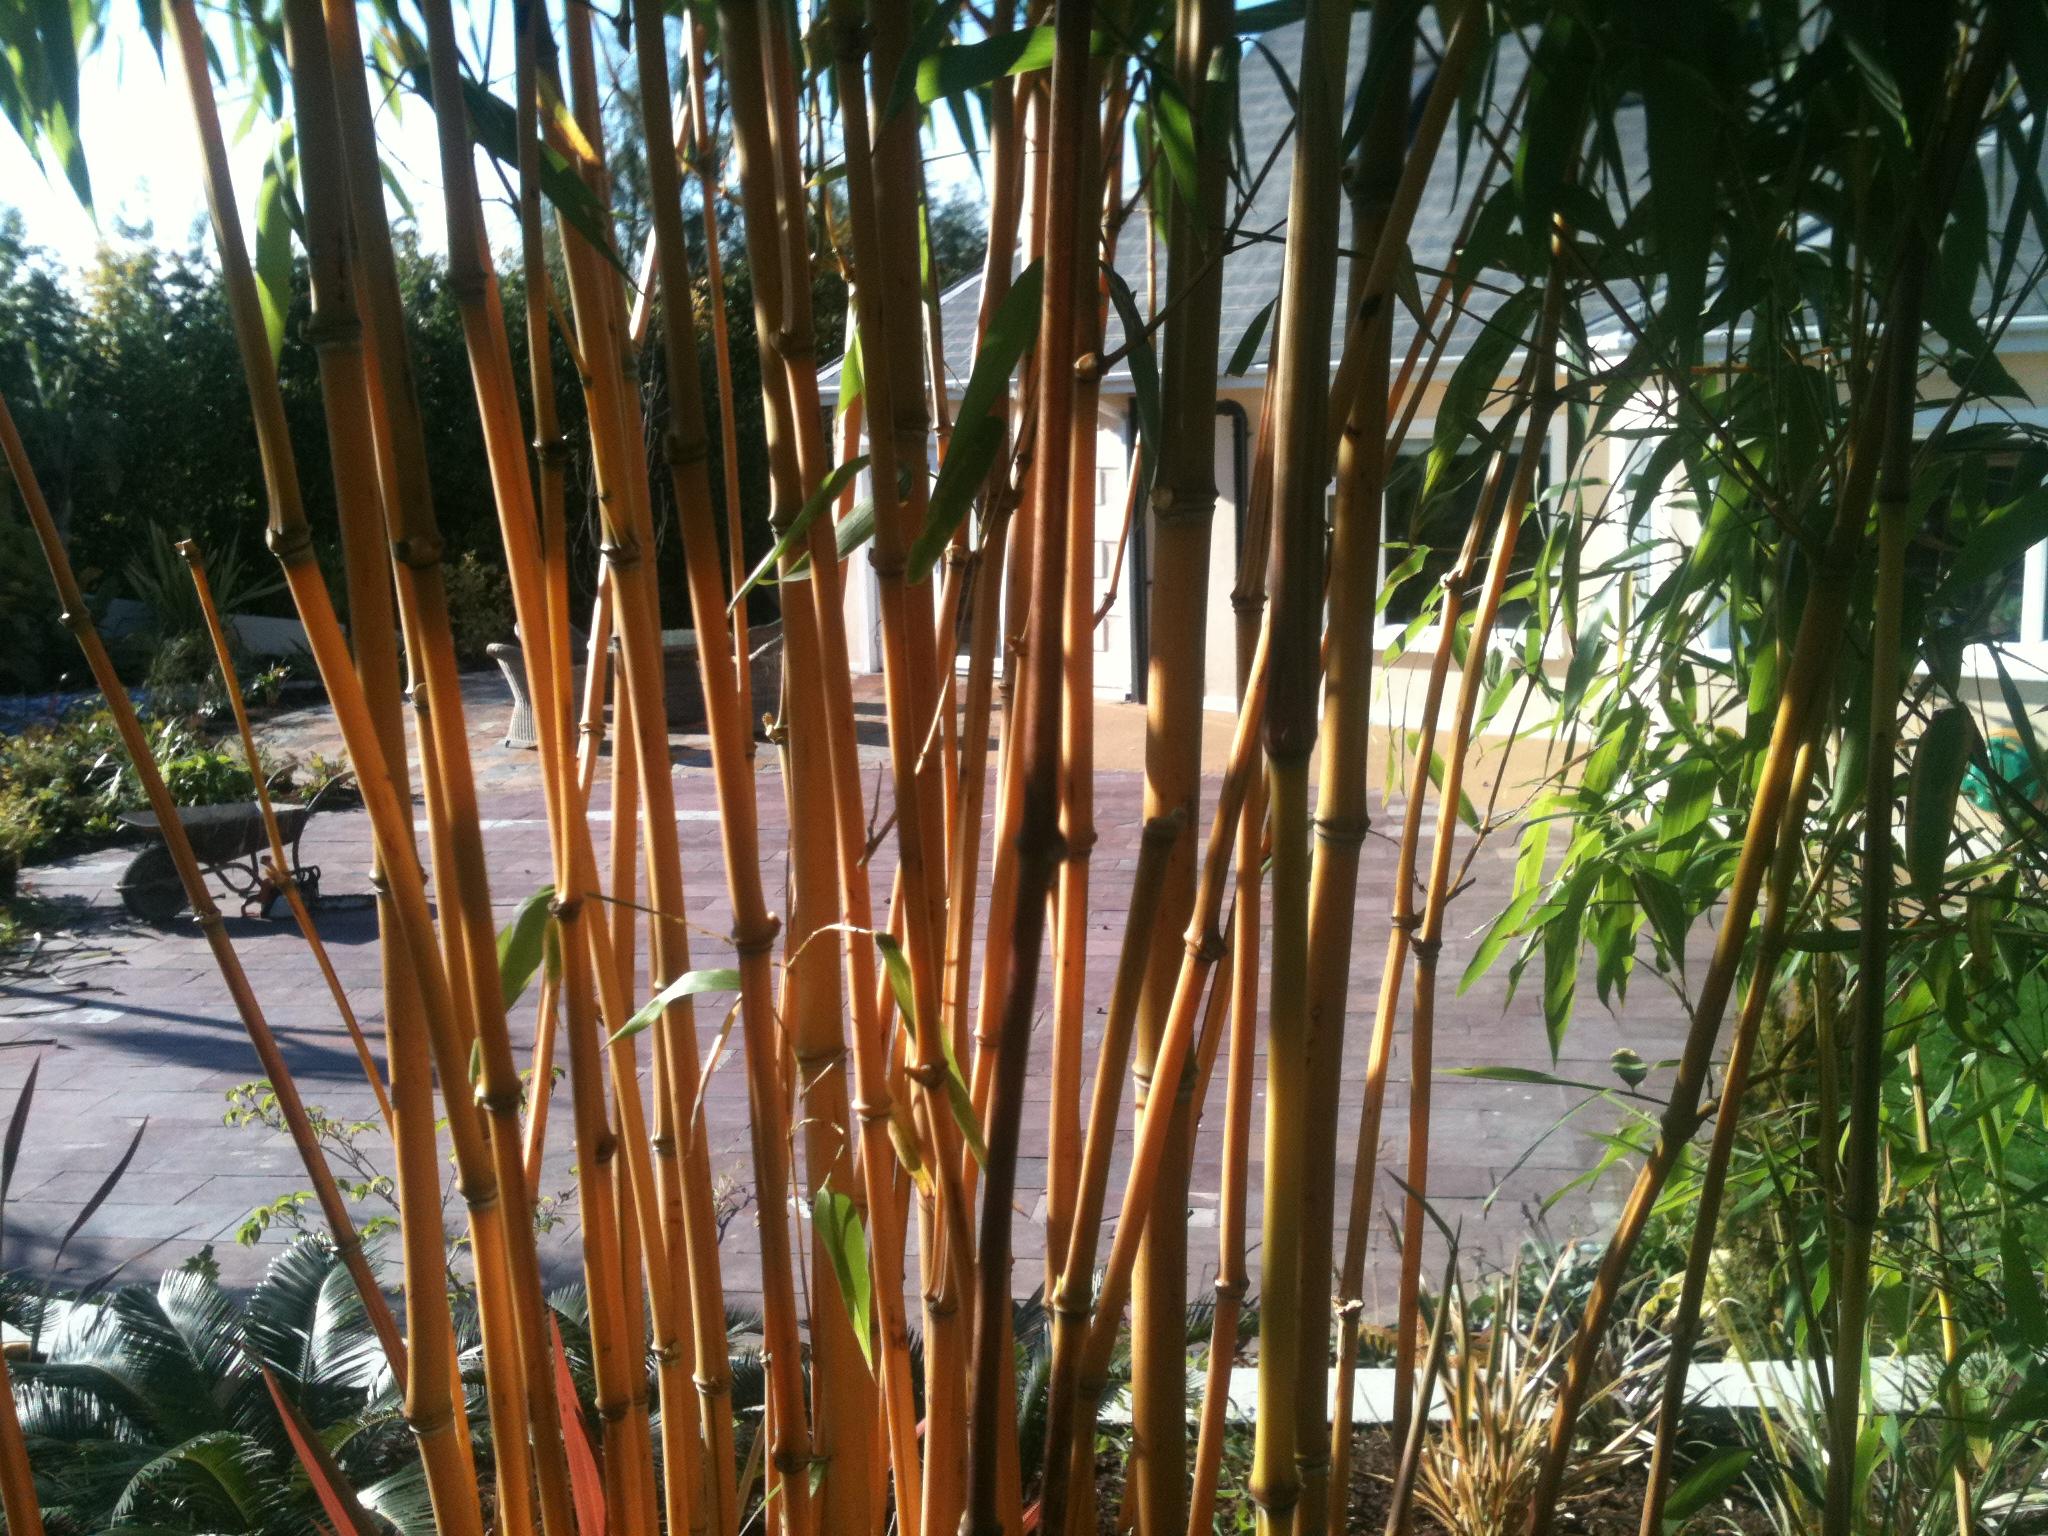 Bamboo clump